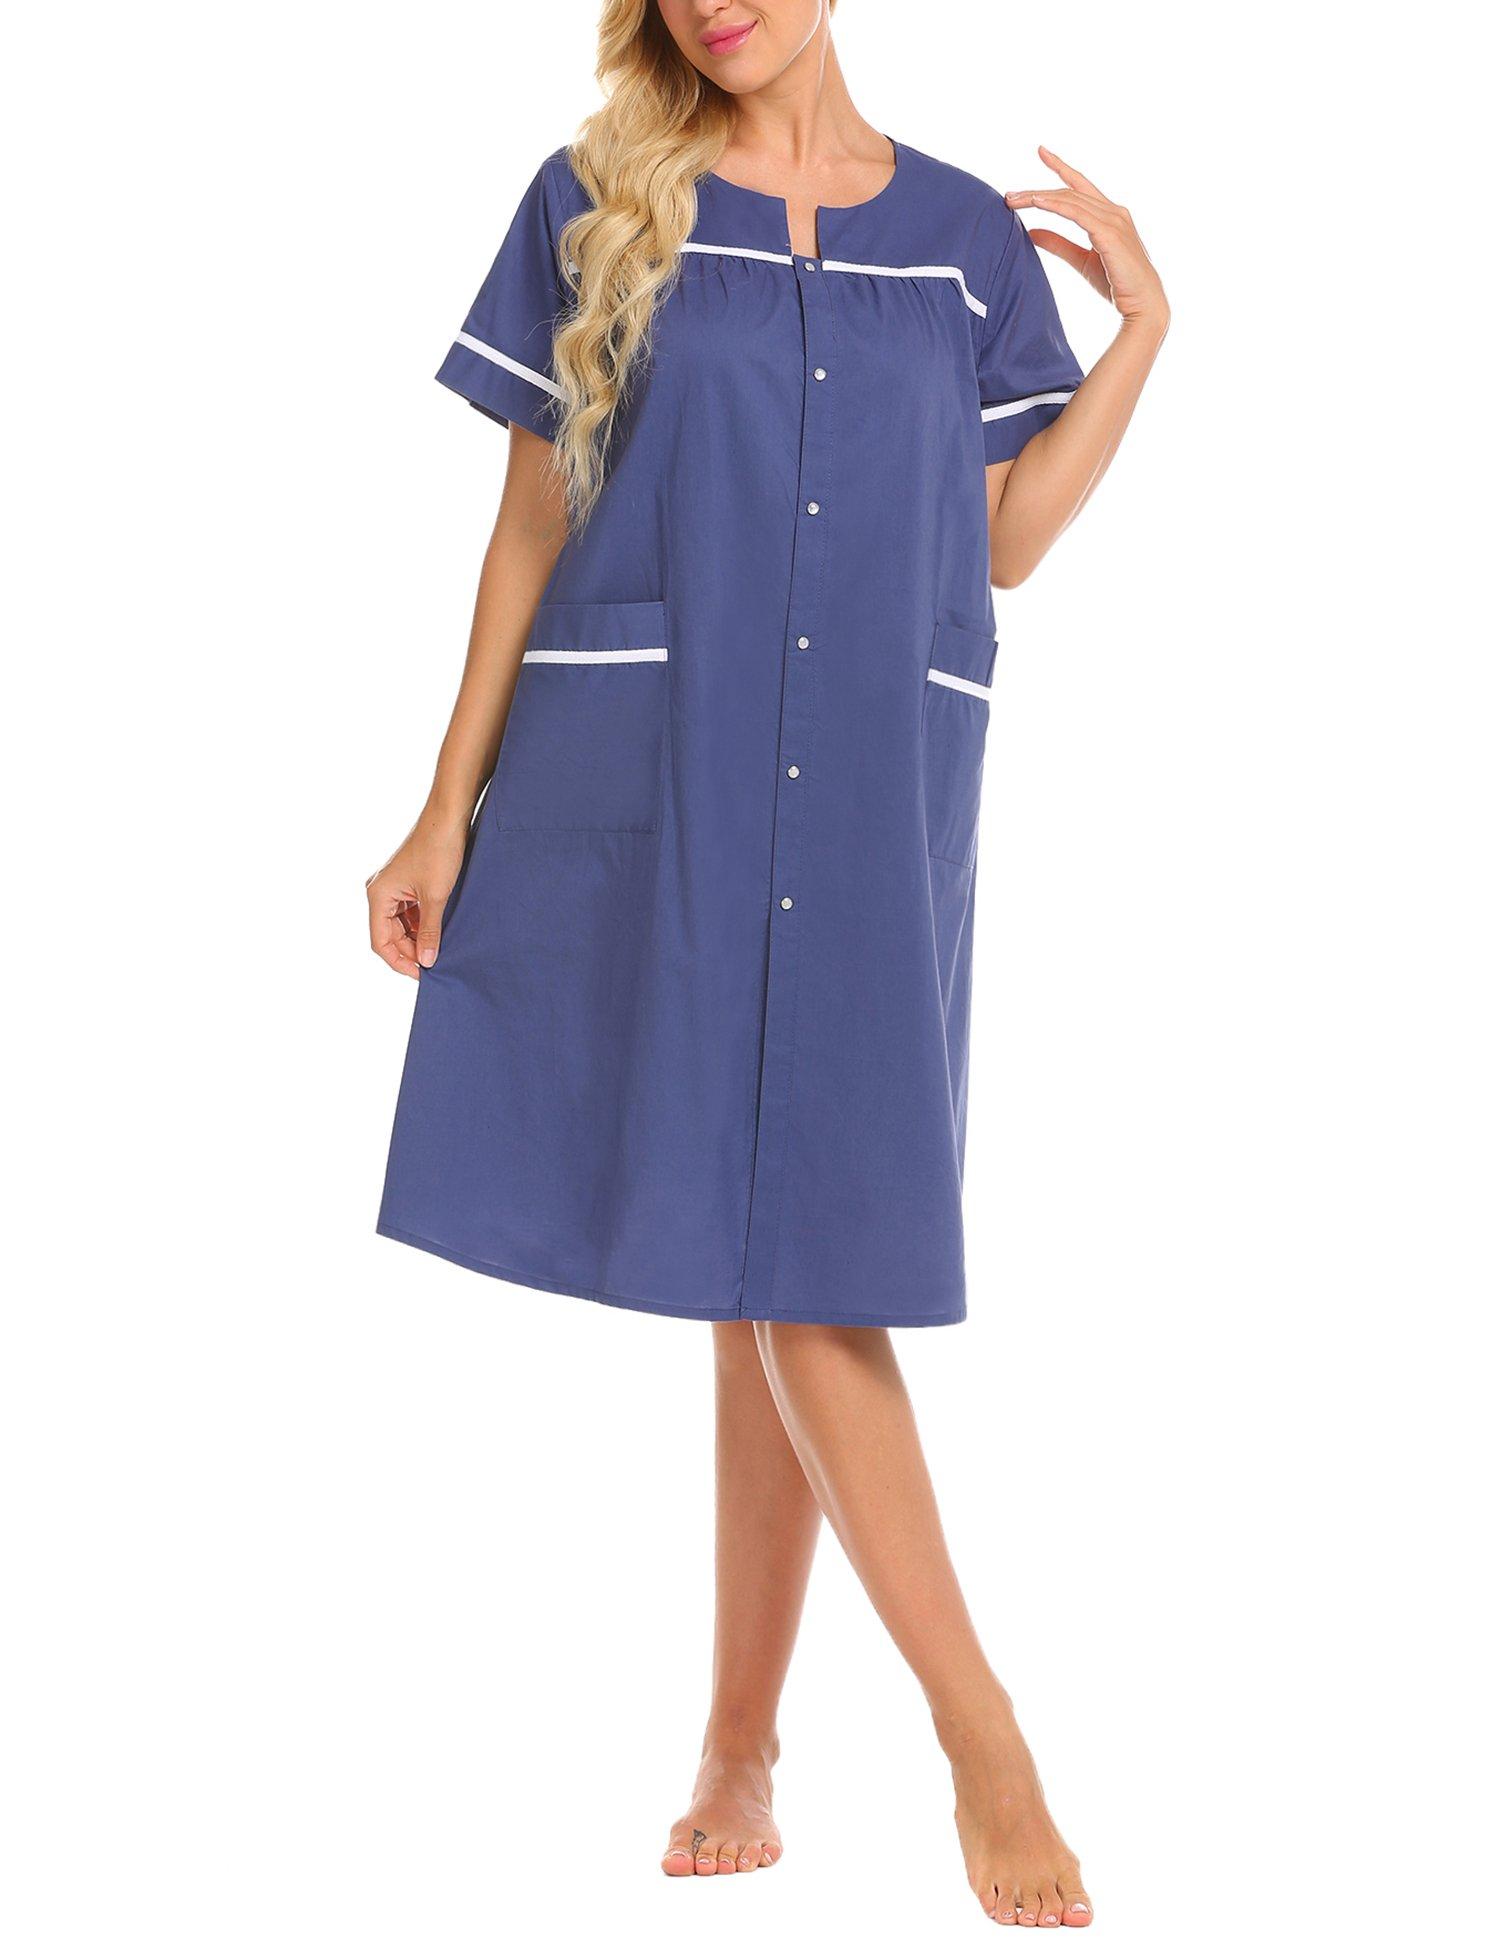 Ekouaer Lounge Robe Women's Cotton Sleepwear Short Sleeve House Dress Nightgown (Navy,L)